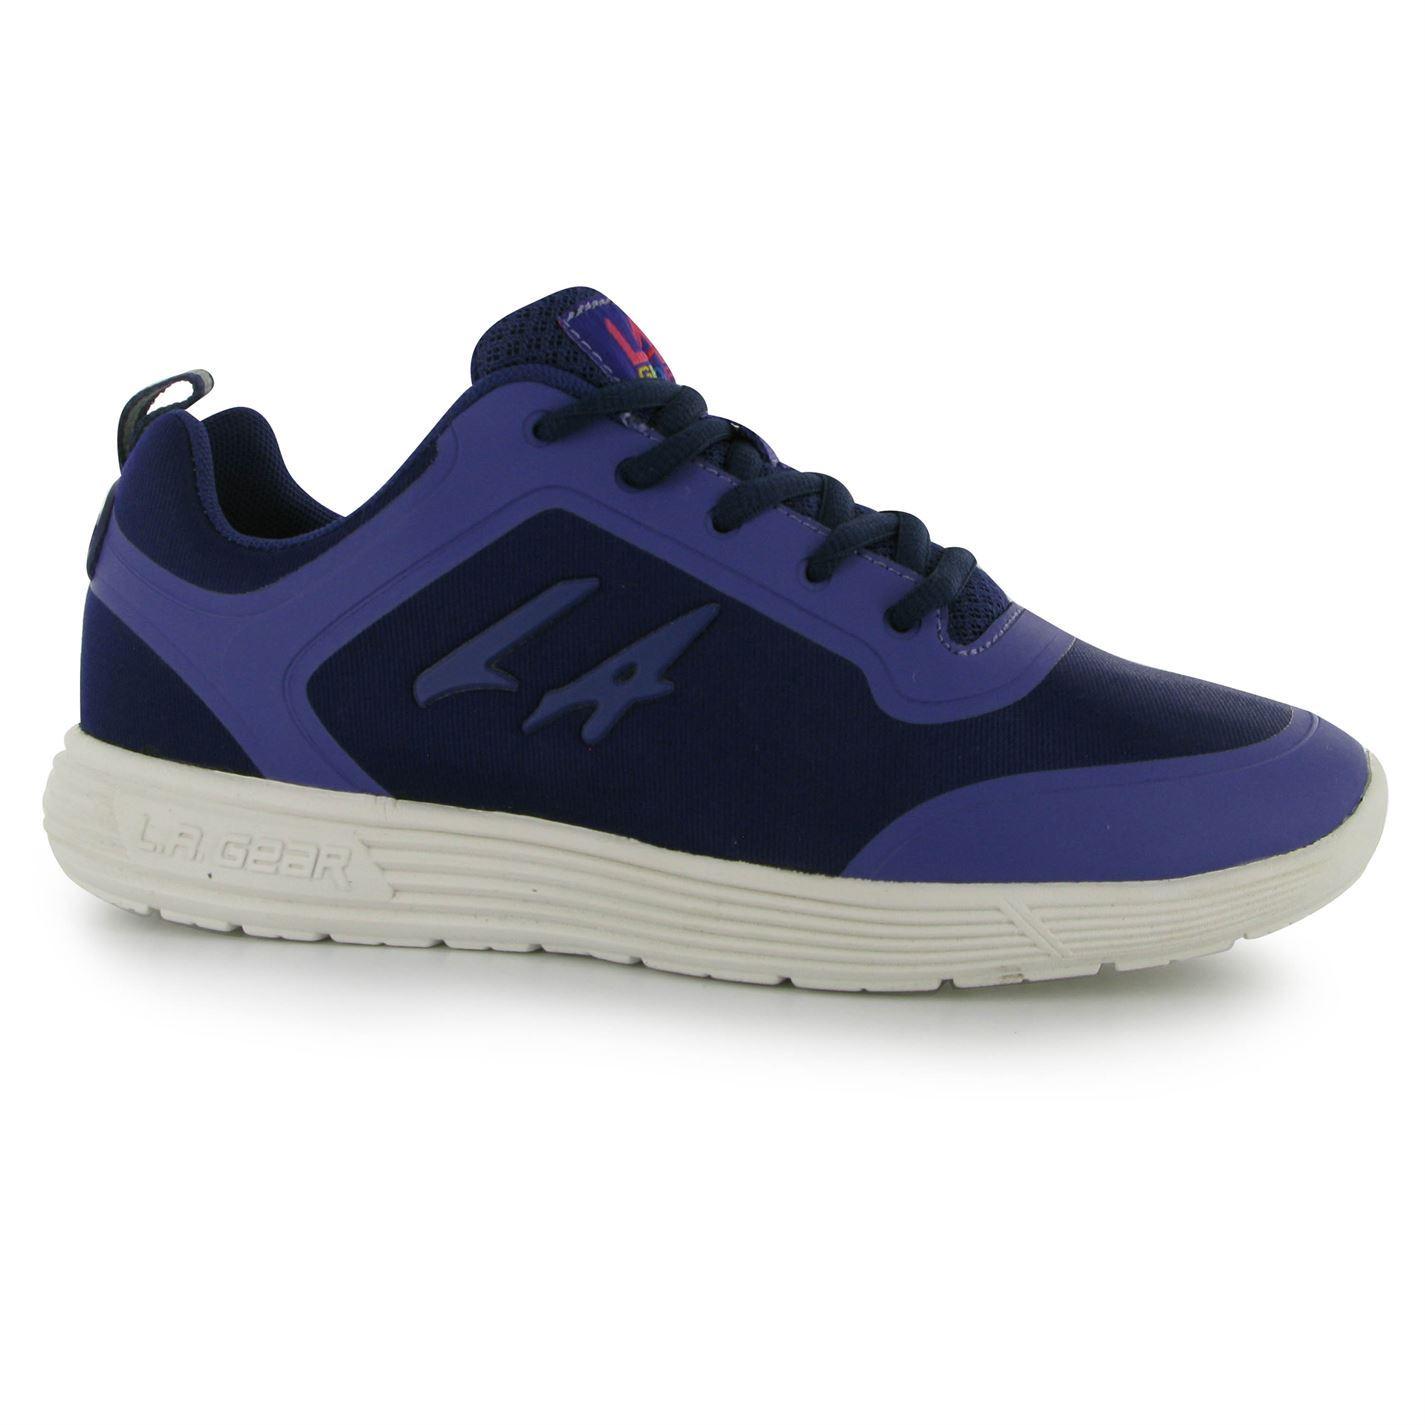 La Gear Womens Running Shoes